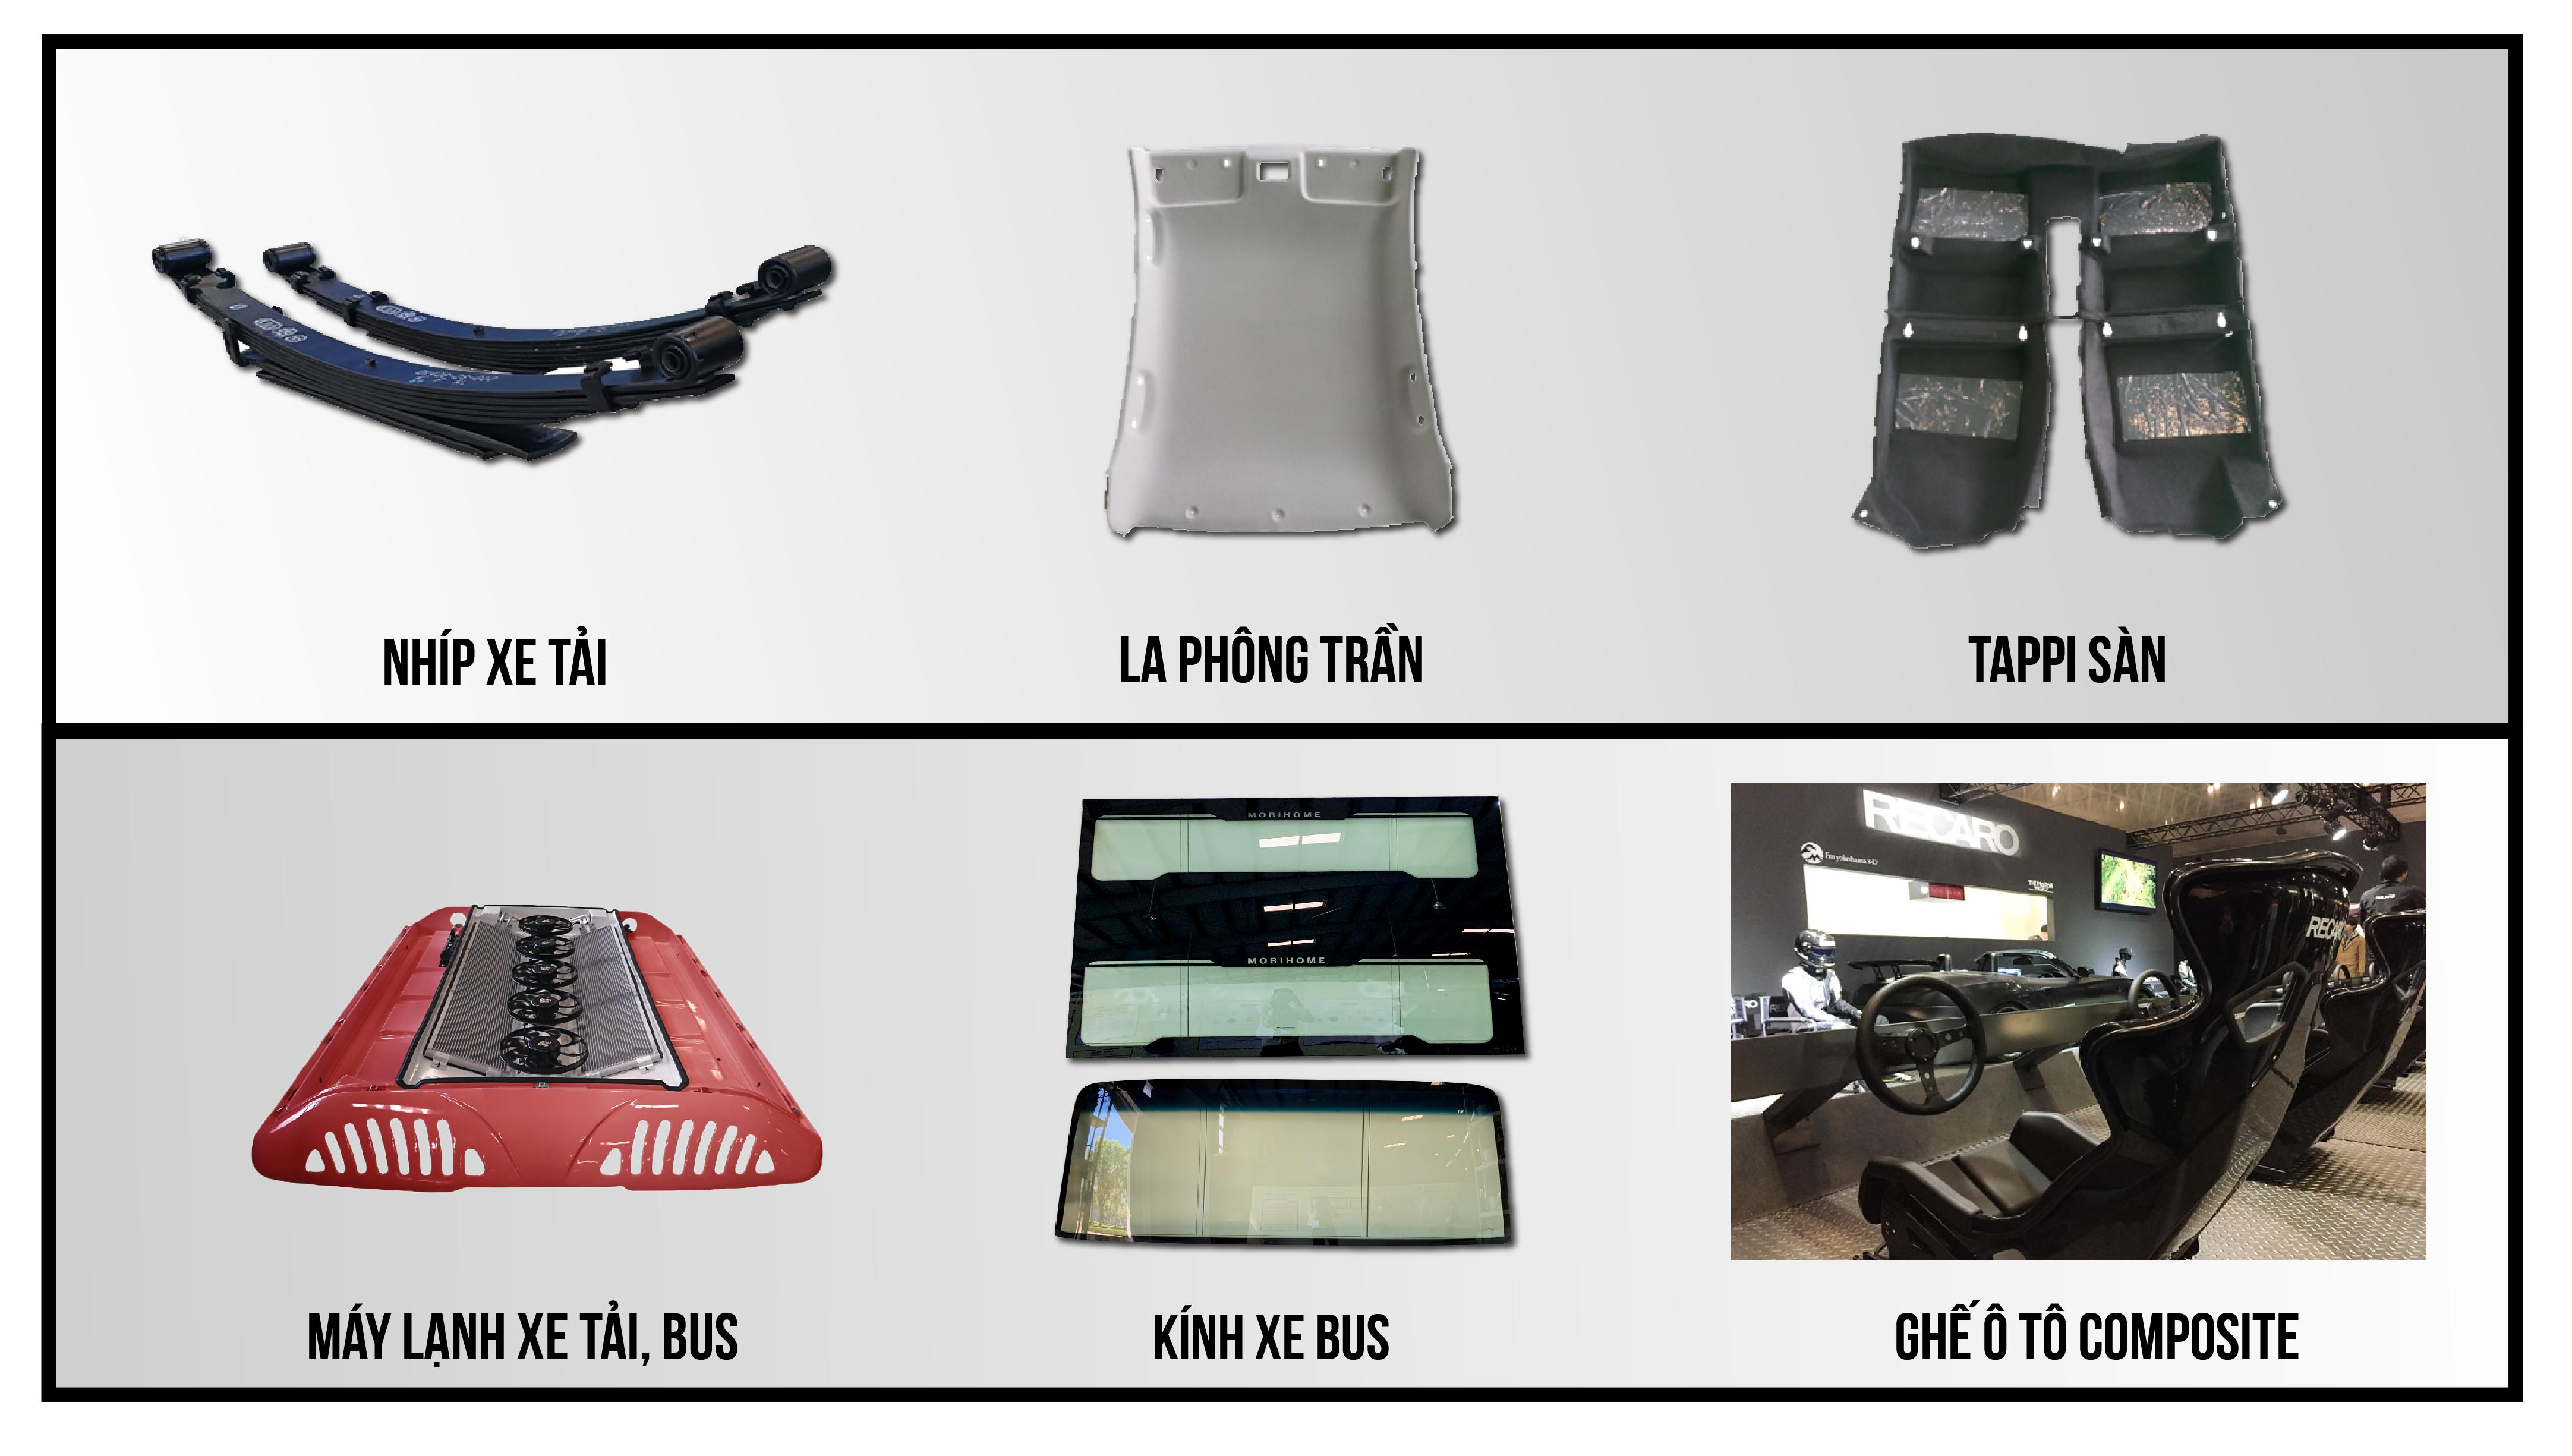 Một số sản phẩm linh kiện OEM do THACO cung cấp (2)